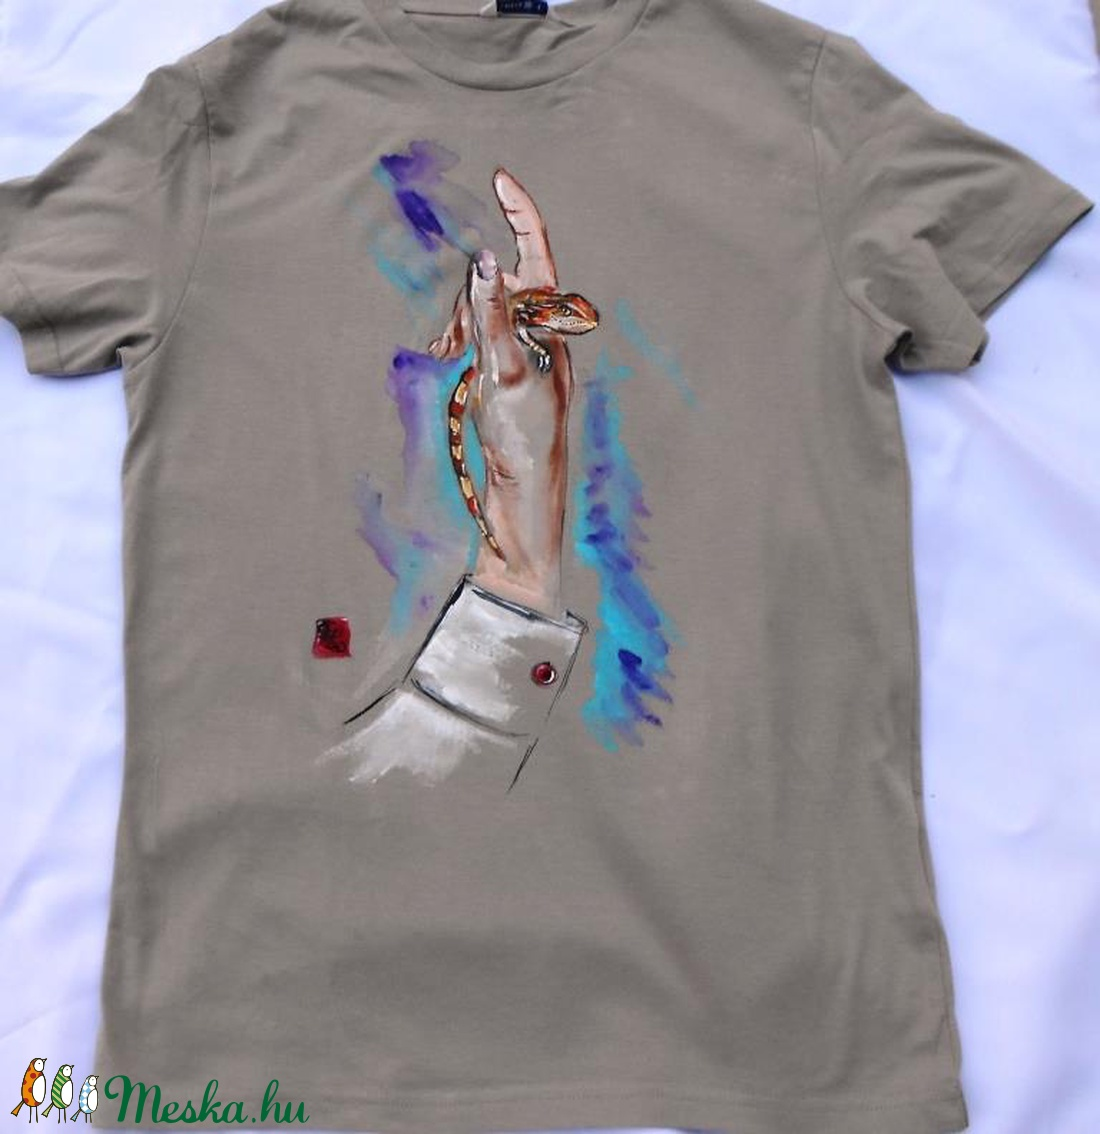 Jolán a Bébi Agáma kézzel festett egyedi póló rendelő által biztosított  alapra (Fiffancsi) - Meska.hu ef4bfd97ee